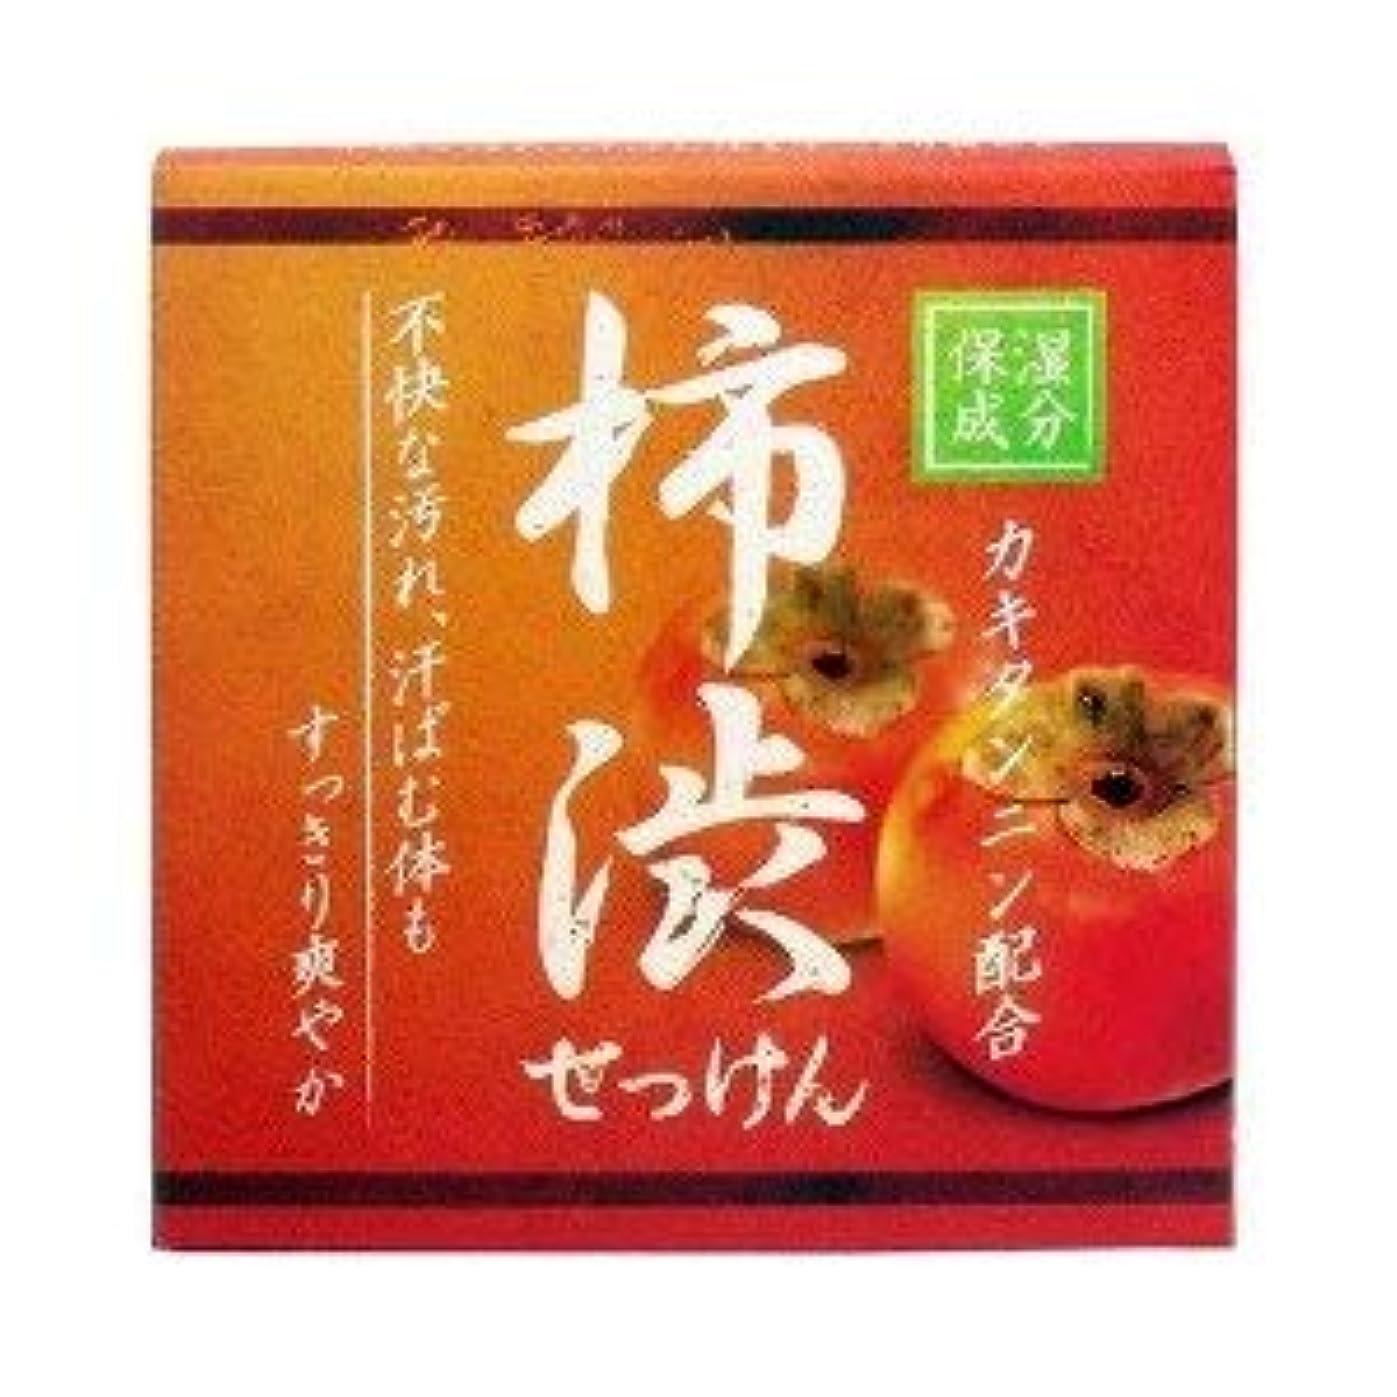 のためにゆりグローバル柿渋配合せっけん カキタンニン配合保湿成分 80g×2 2個1セット 石鹸